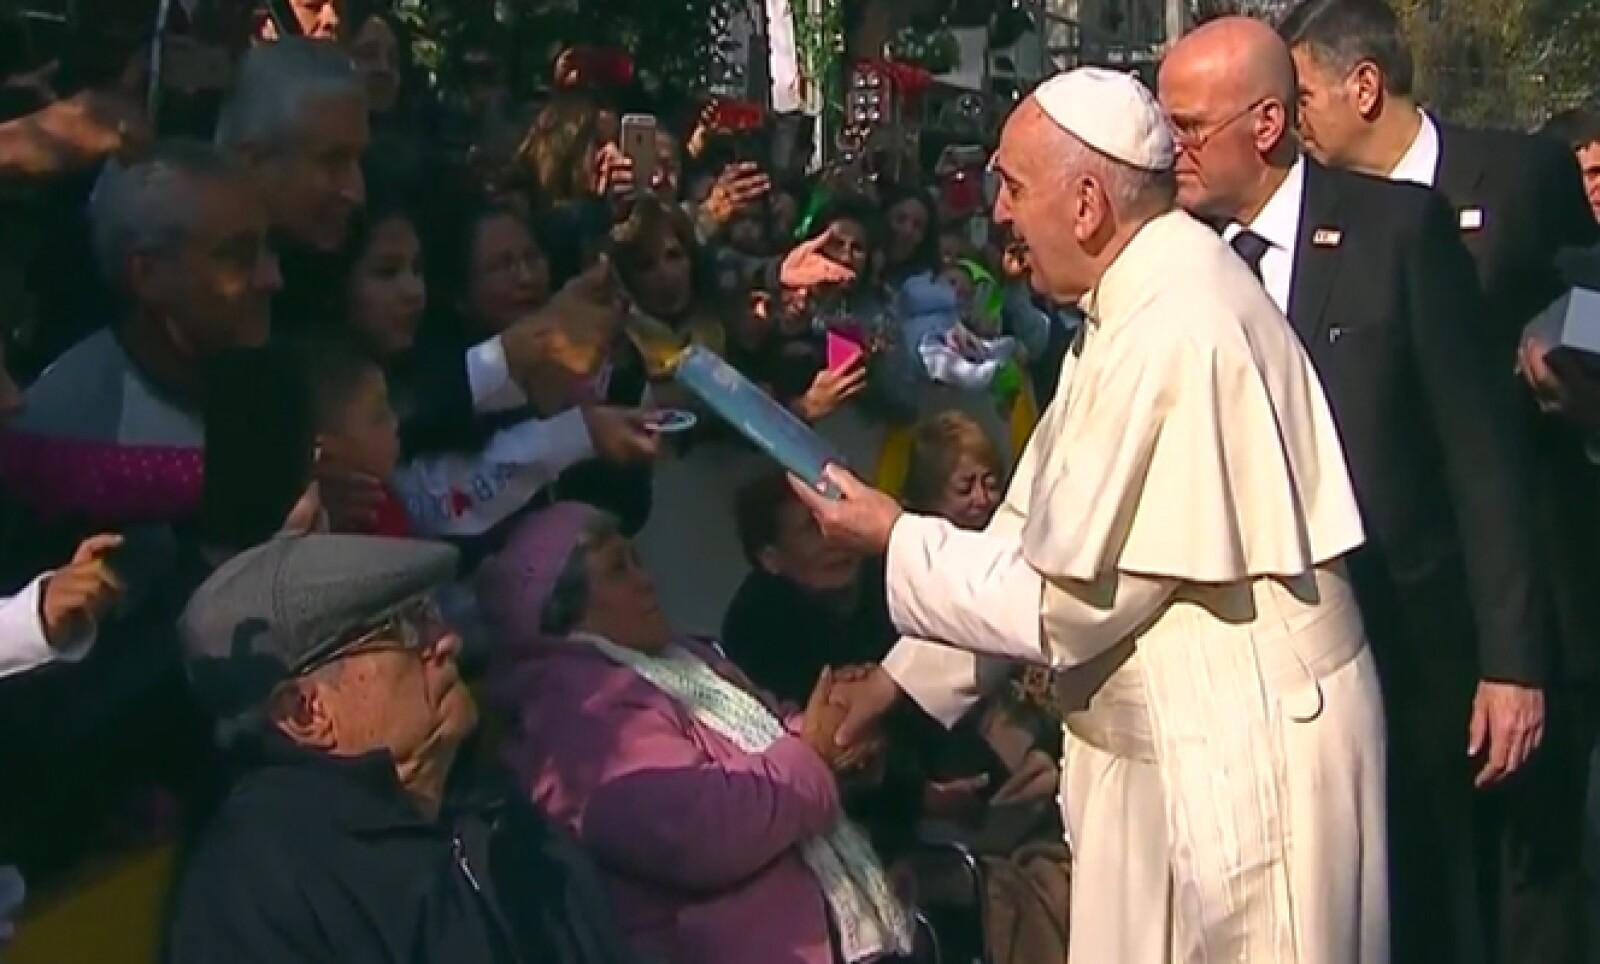 Al salir de la Nunciatura, el pontífice saludó y envío bendiciones a quienes madrugaron para verlo.